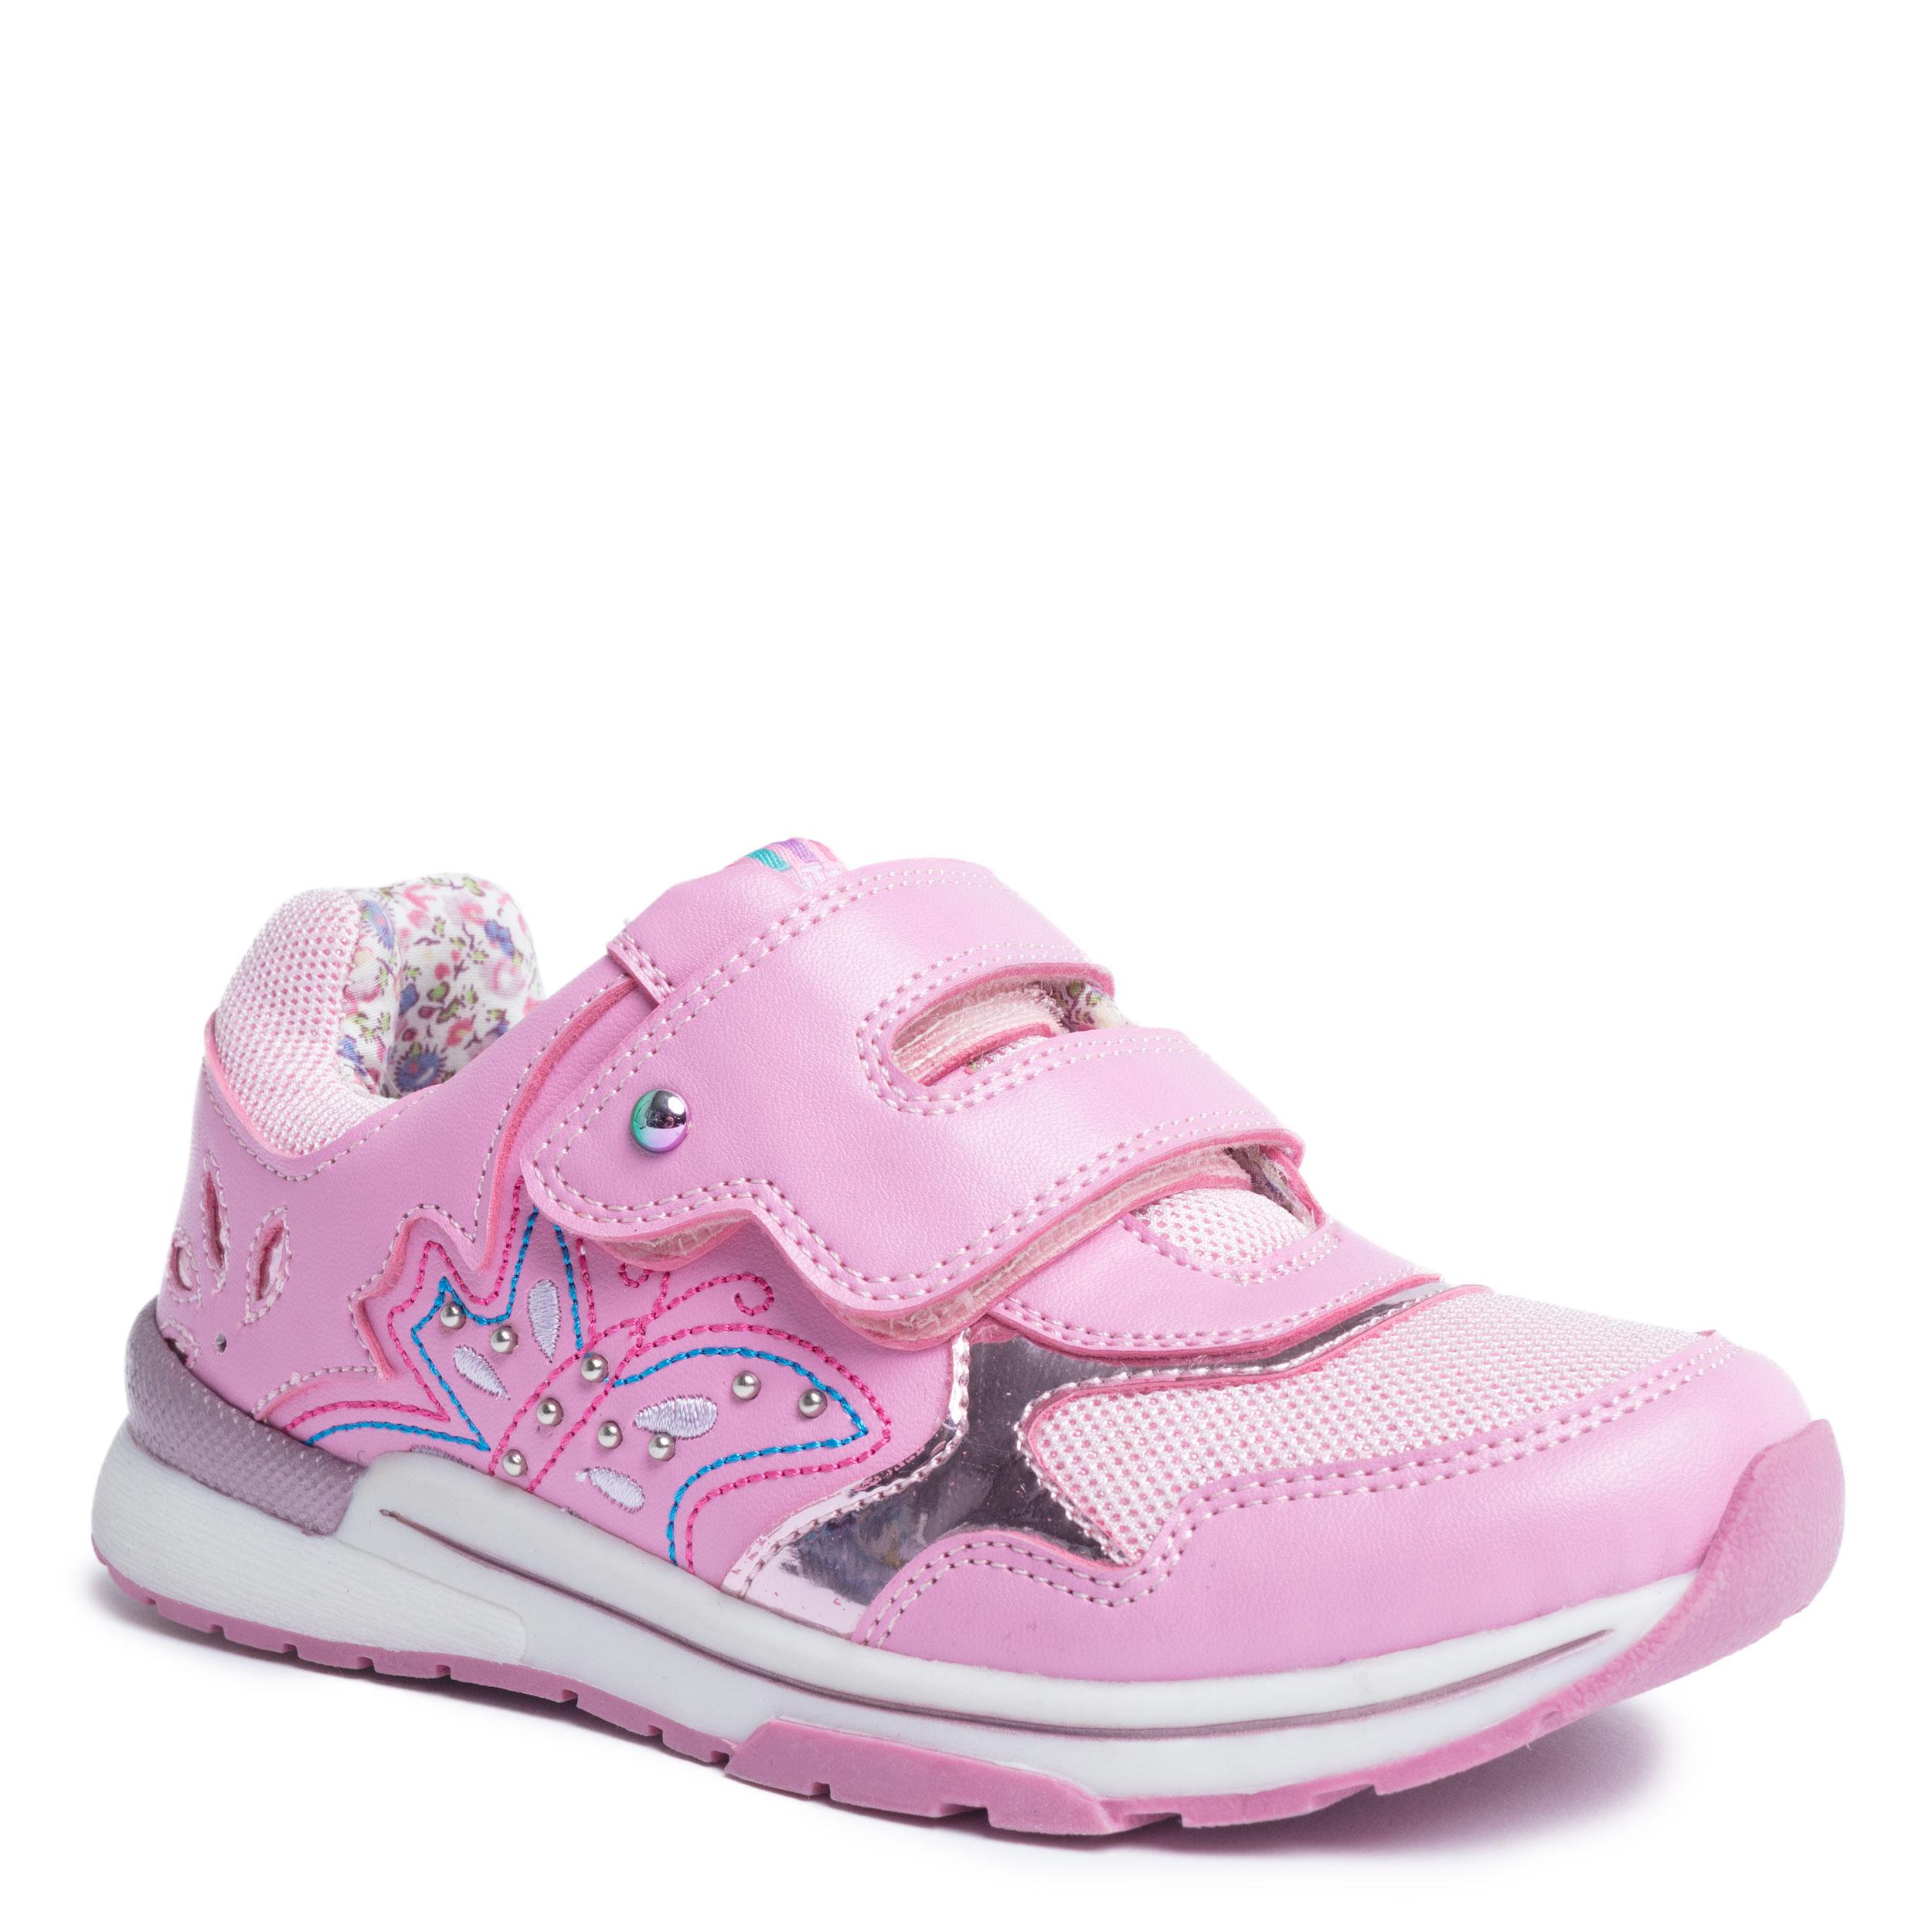 5b673f2ee 182286 Розовые полуботинки для девочки PlayToday - купить на odevaika.ru